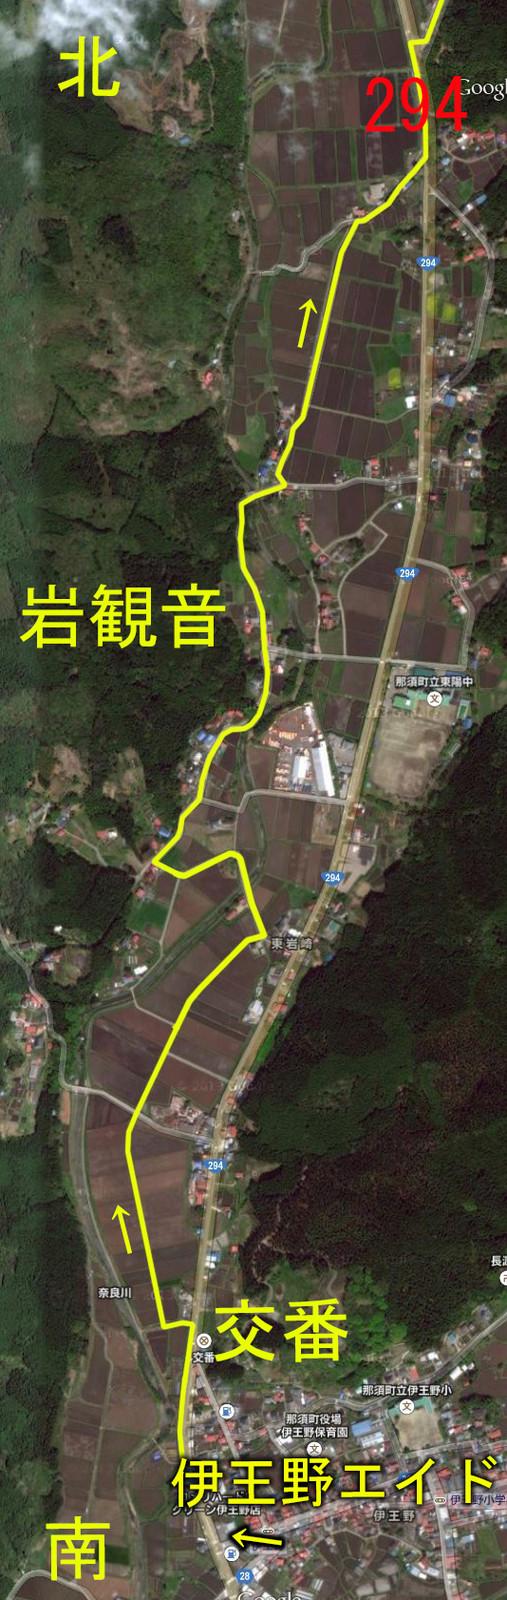 Ionoashino201525342